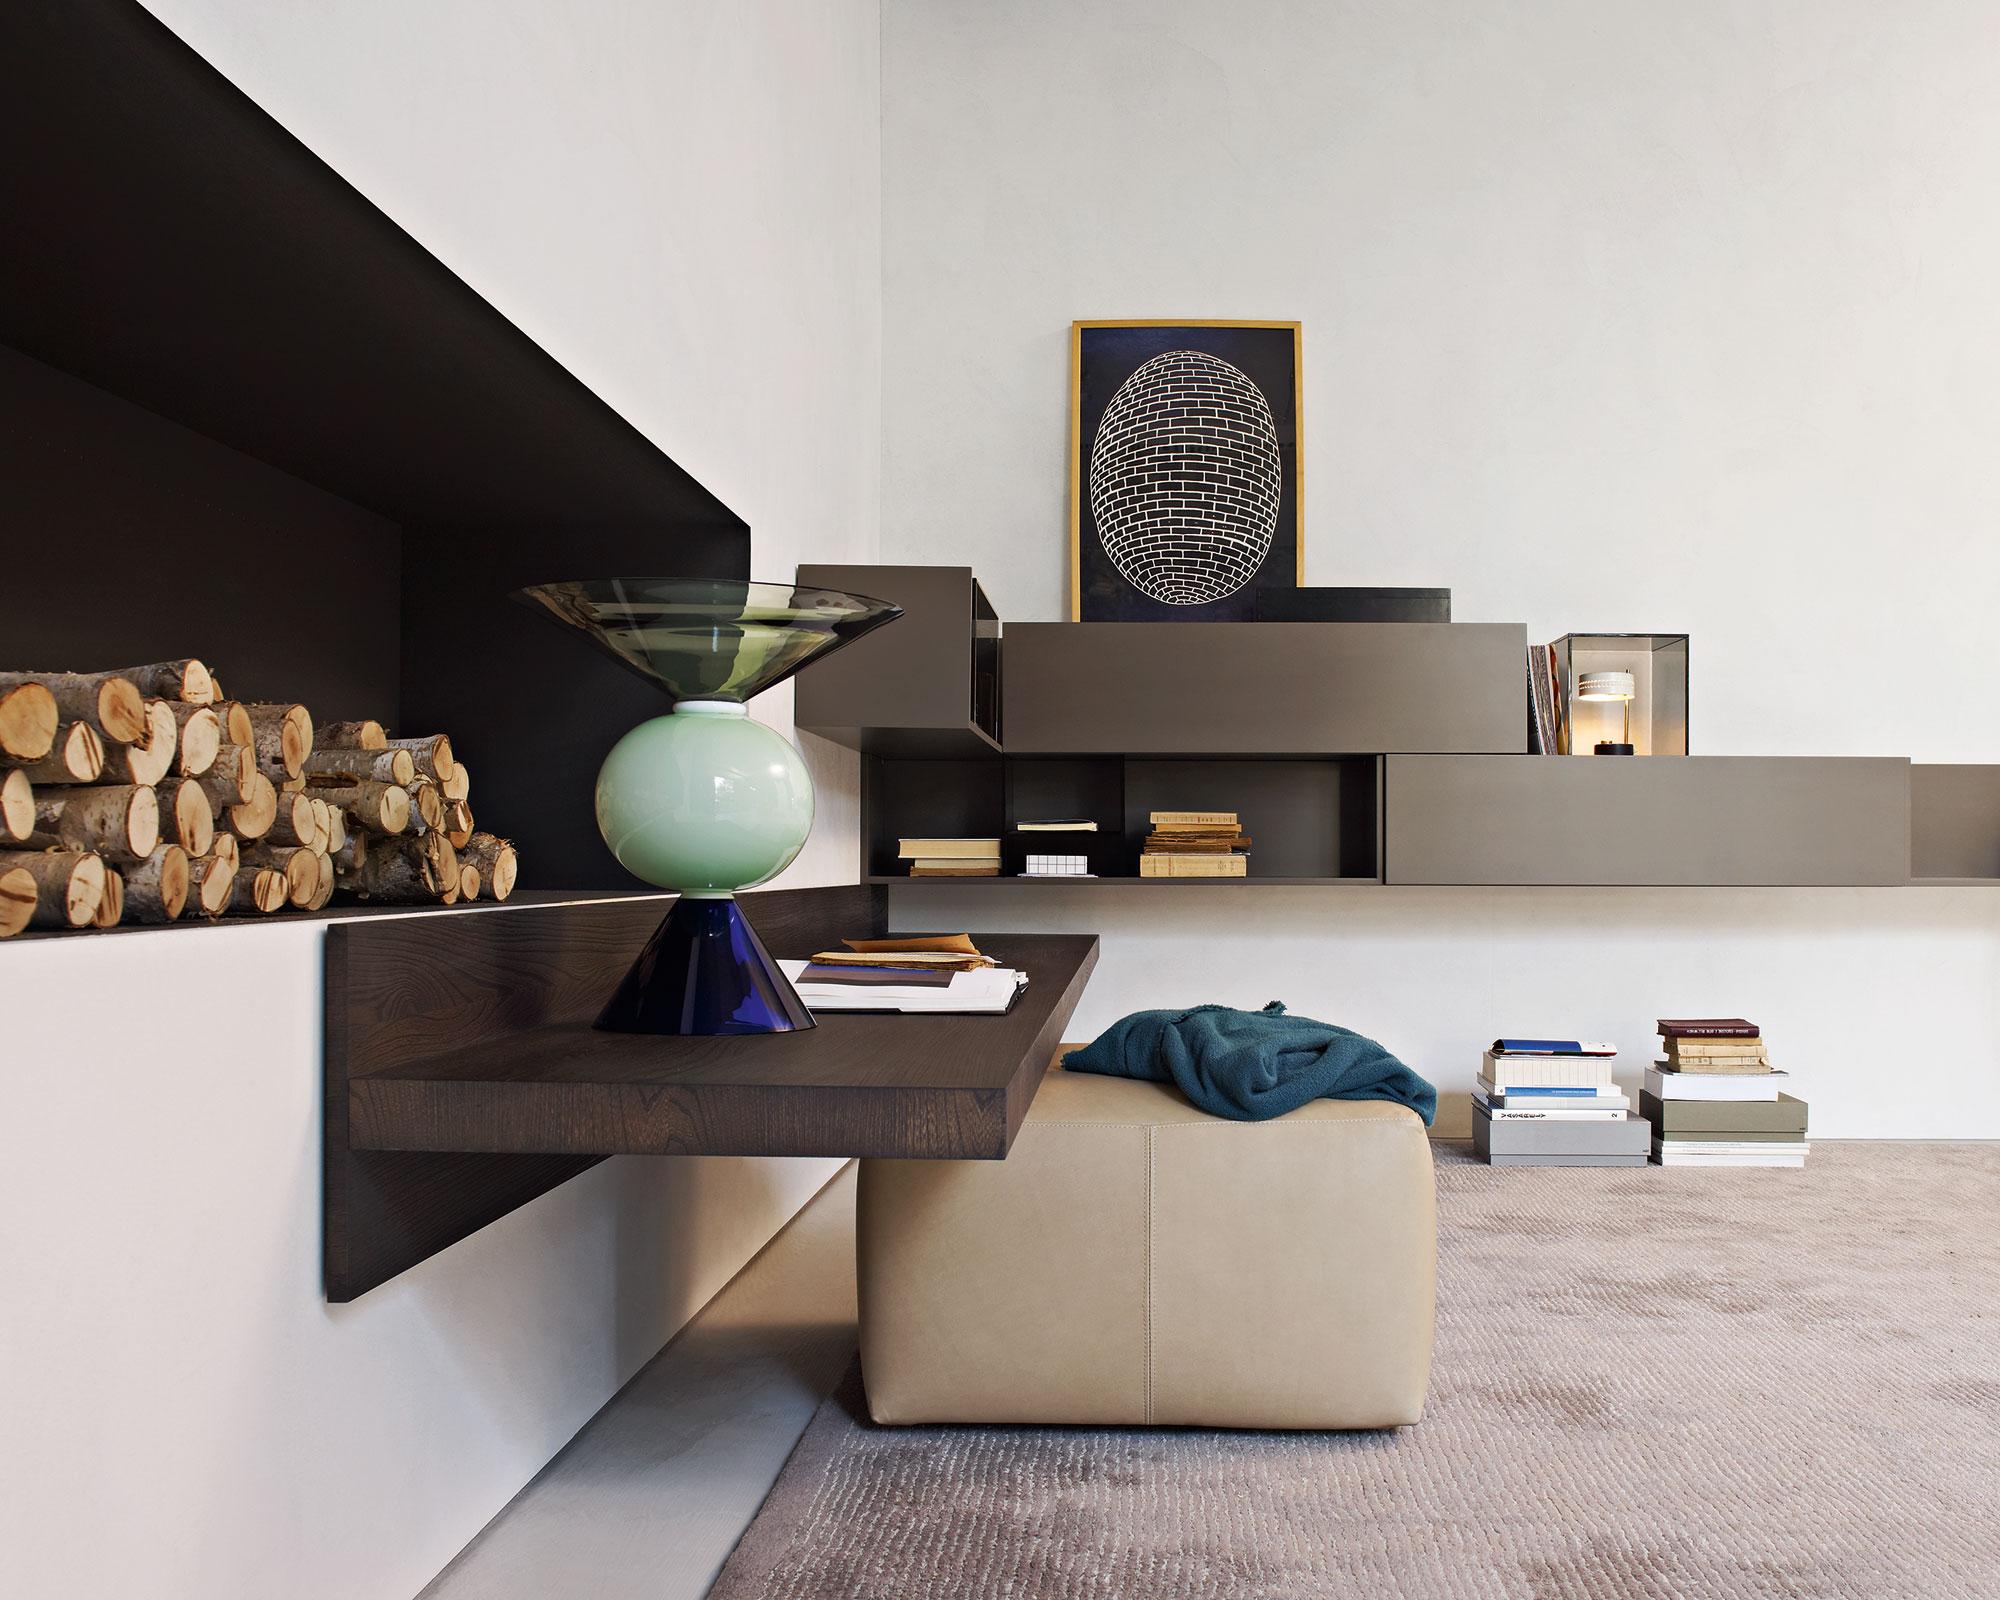 Illuminazione su cavi design per la casa idee per interni for Illuminazione casa design